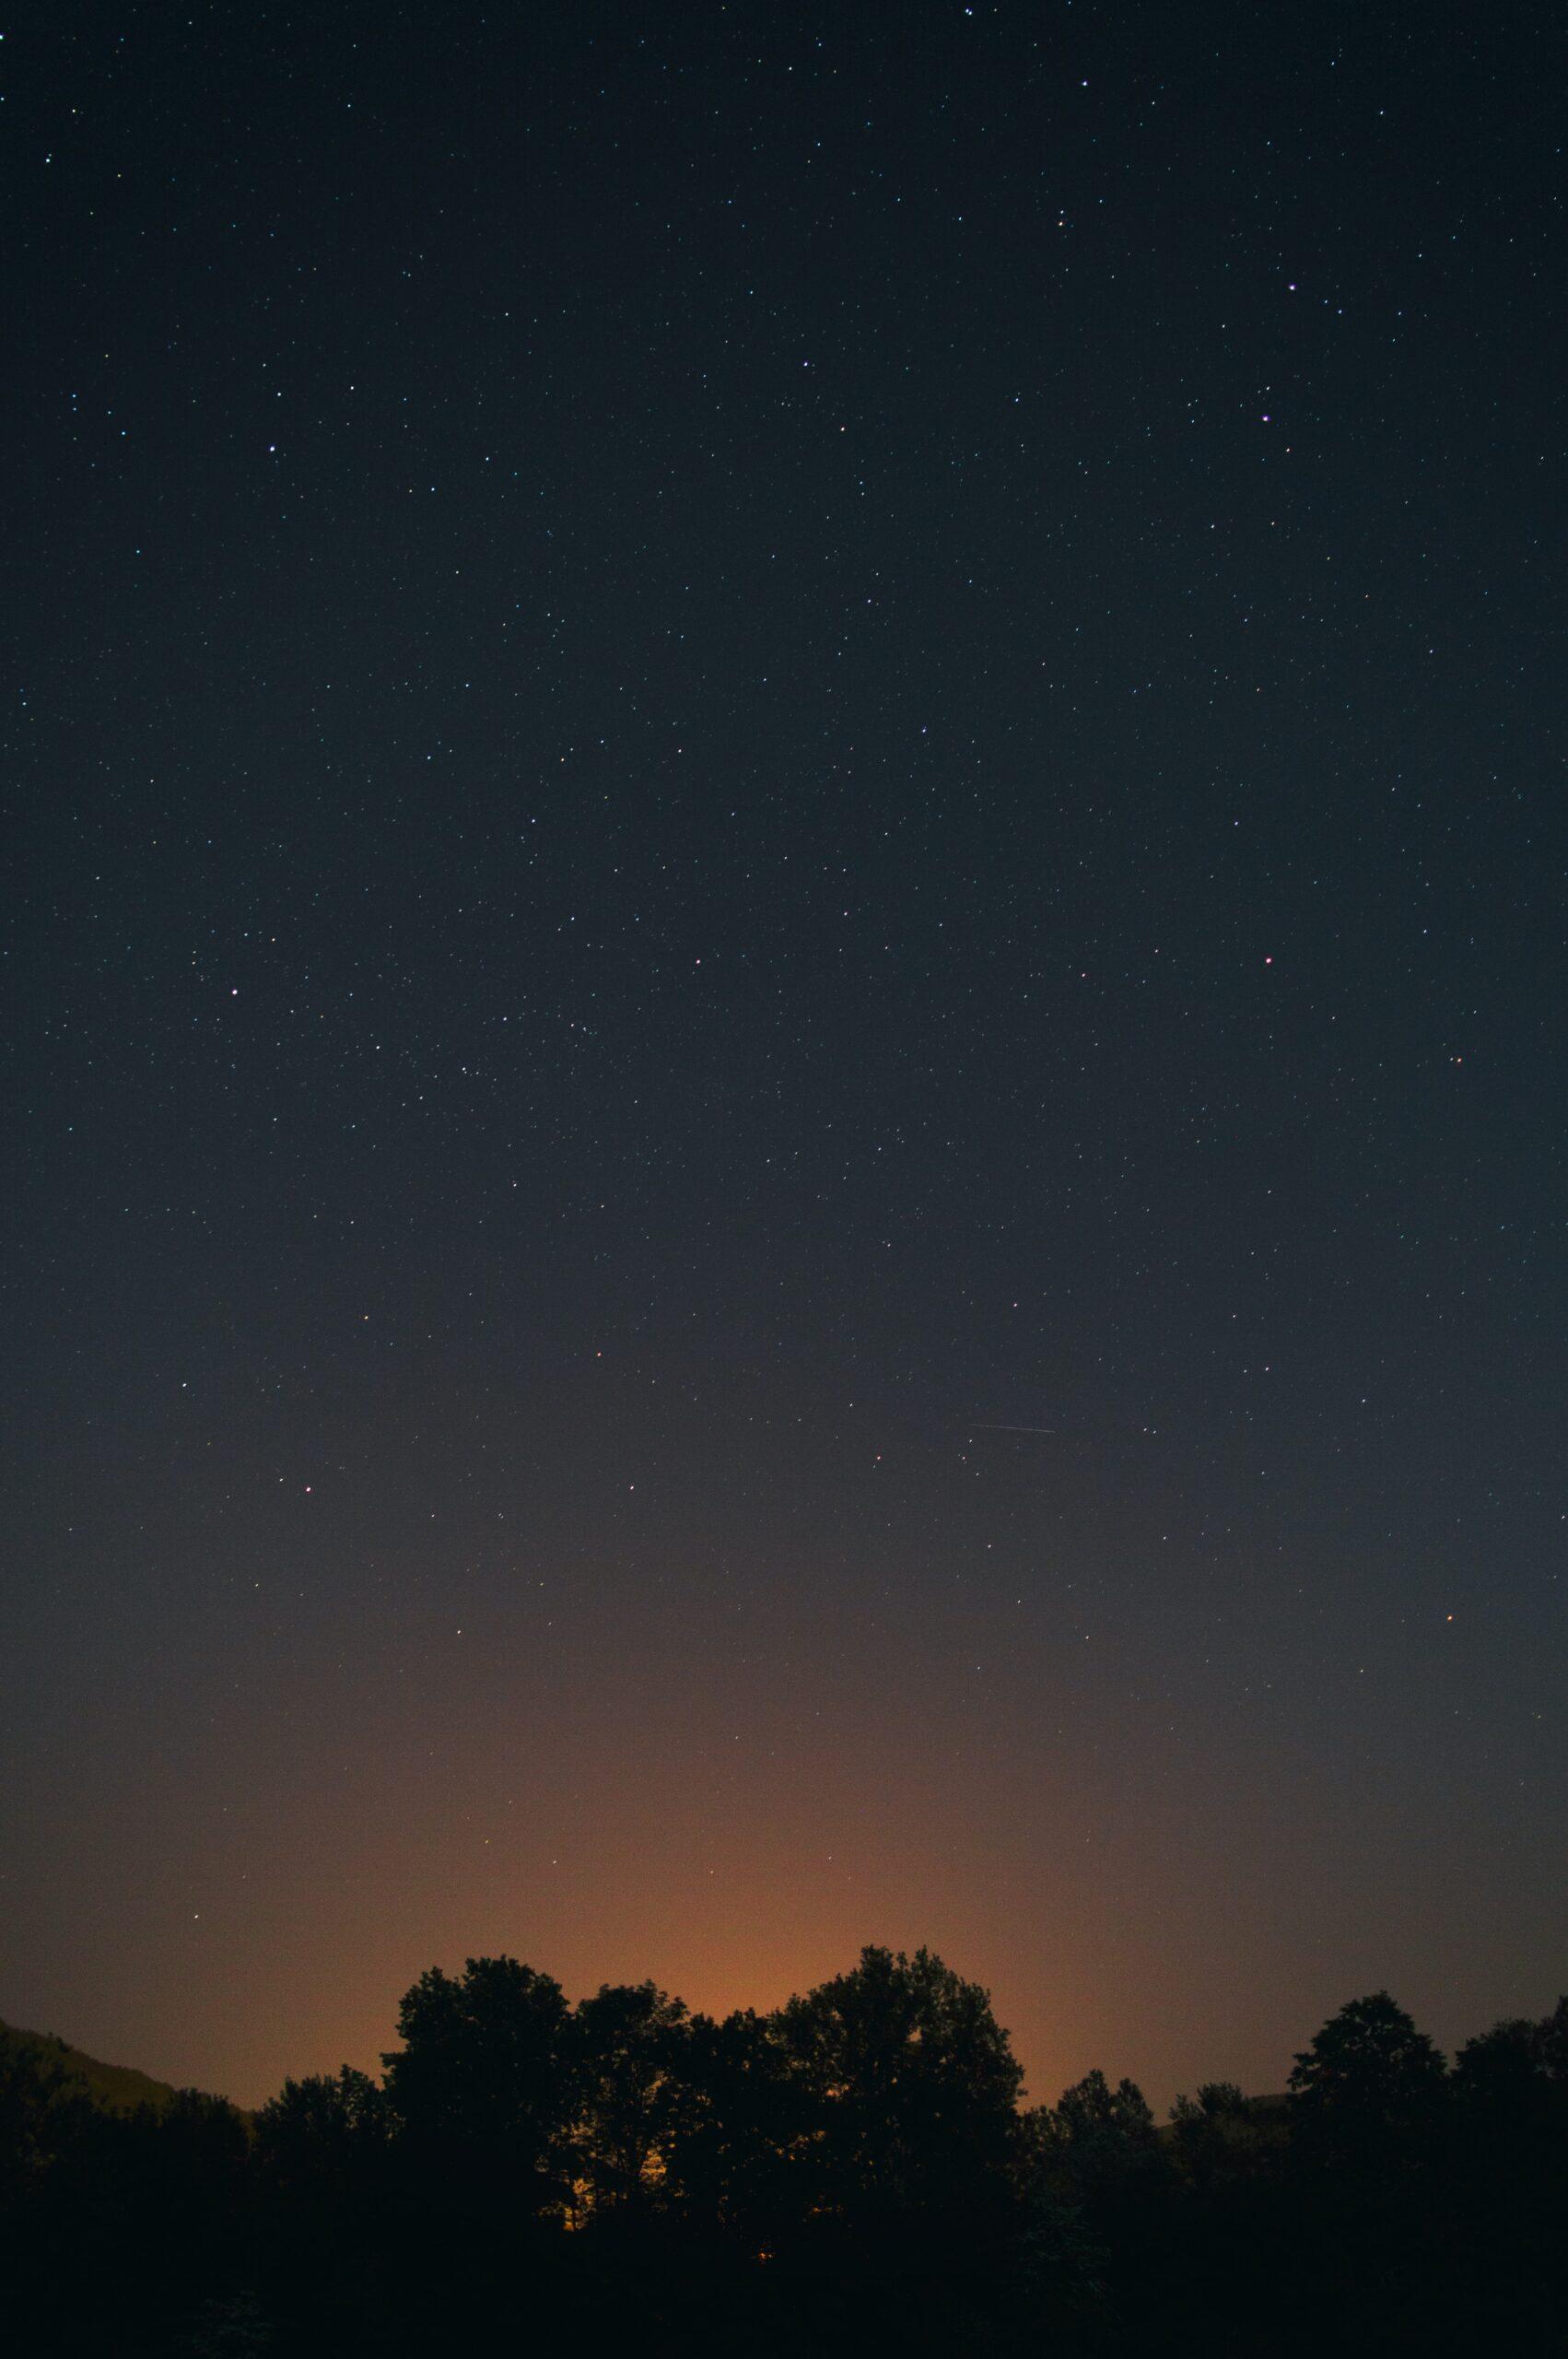 solera1905-amontillado-noche-misterio